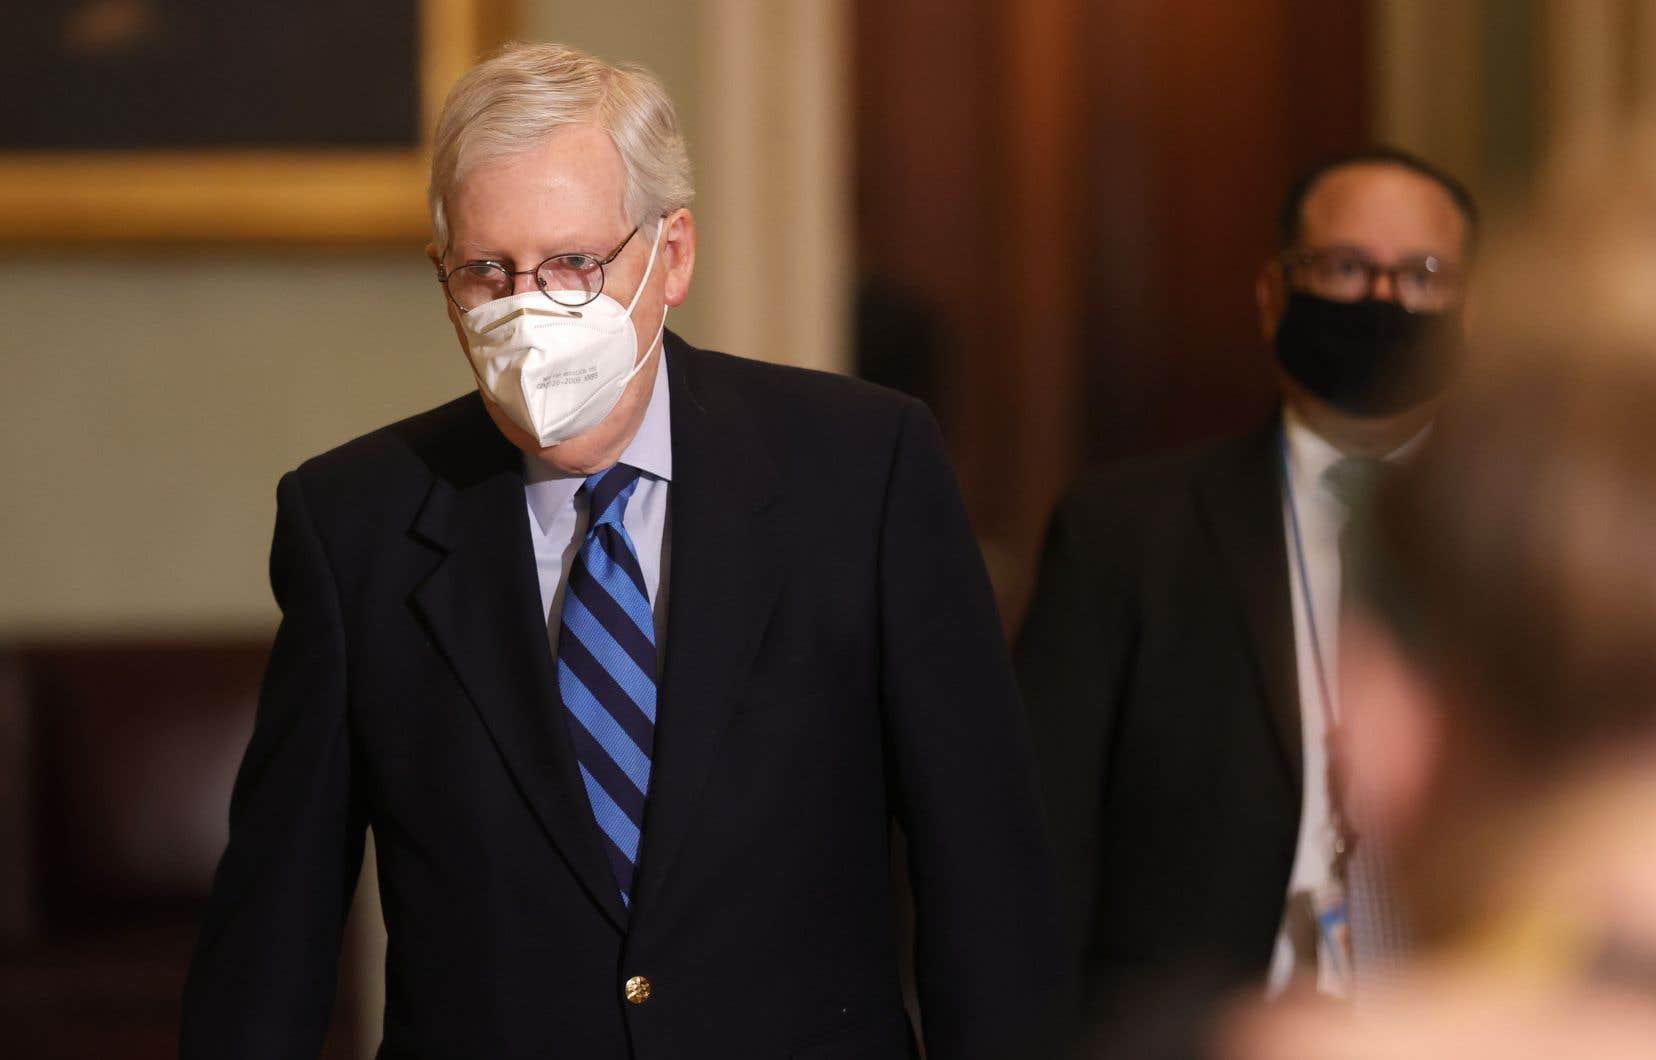 Assaut sur le Capitole: Trump a «incité» la foule, dit le chef républicain du Sénat